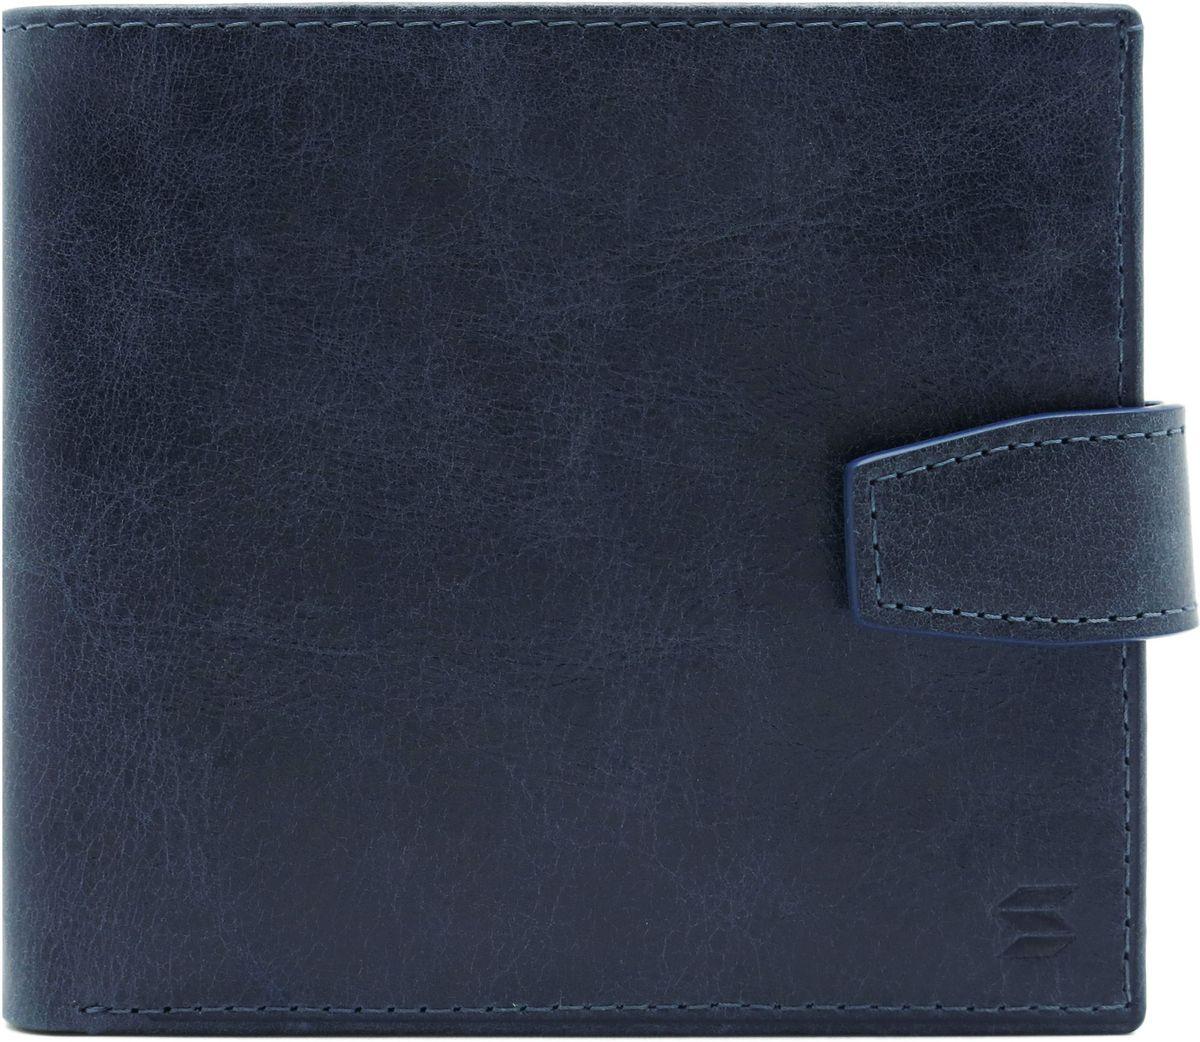 Портмоне мужское Soltan, цвет: темно-синий. 160 11 17ICE 8508Портмоне Soltan выполнено из натуральной кожи с эффектом старения и застегивается на хлястик с кнопкой. Модельимеет три отделения для купюр, одно из которых на молнии, 3 кармашка для кредиток и отделение для мелочи.